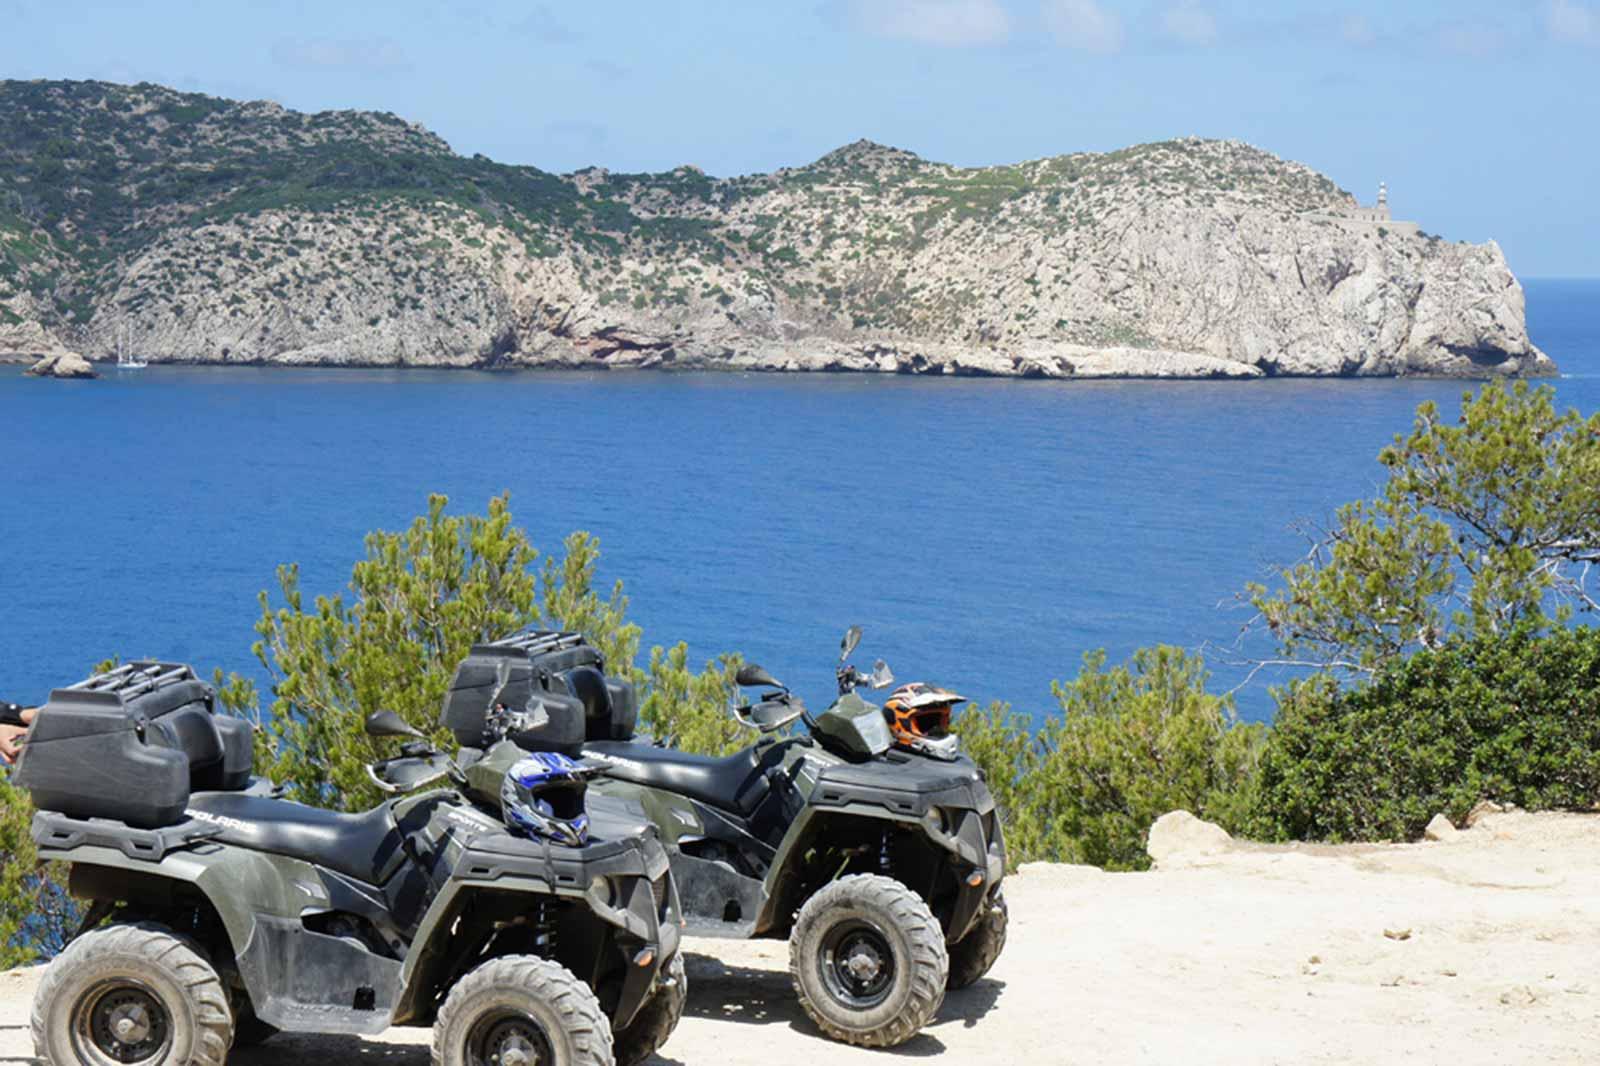 Quad-Mallorca-Quad-Tour-Mallorca-Quad-fahren-Mallorca-3